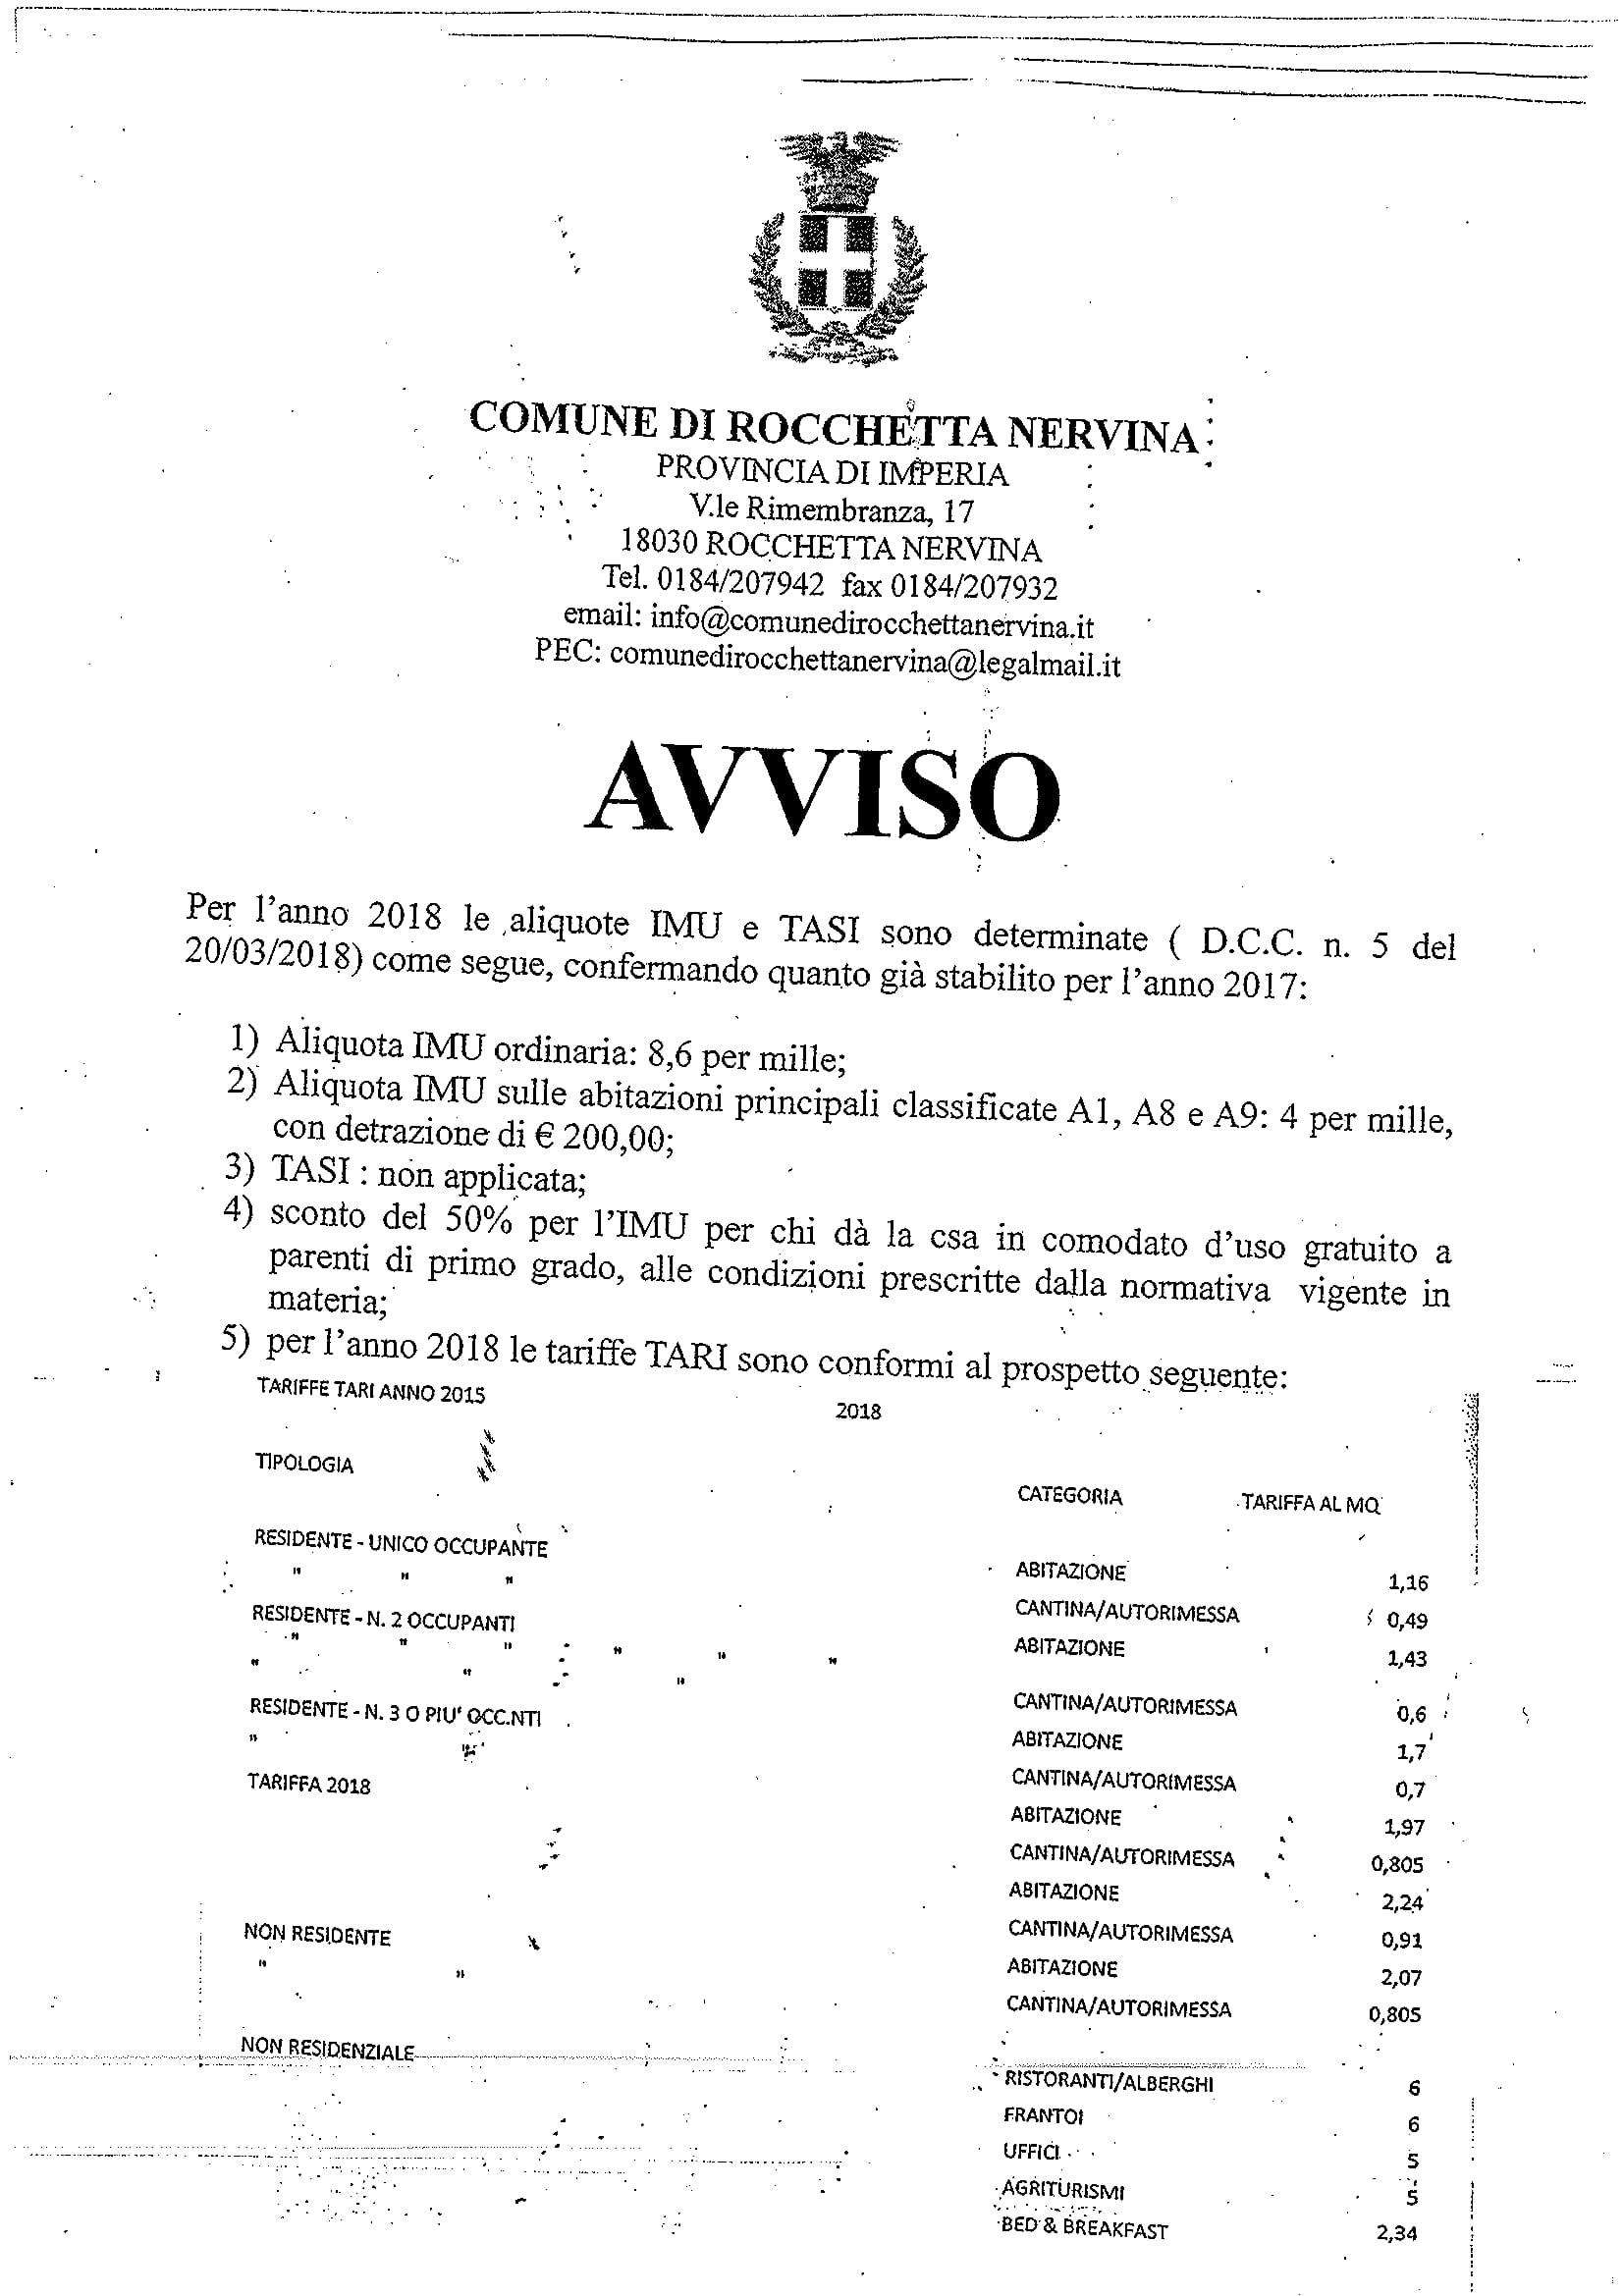 AVVISO aliquote-1